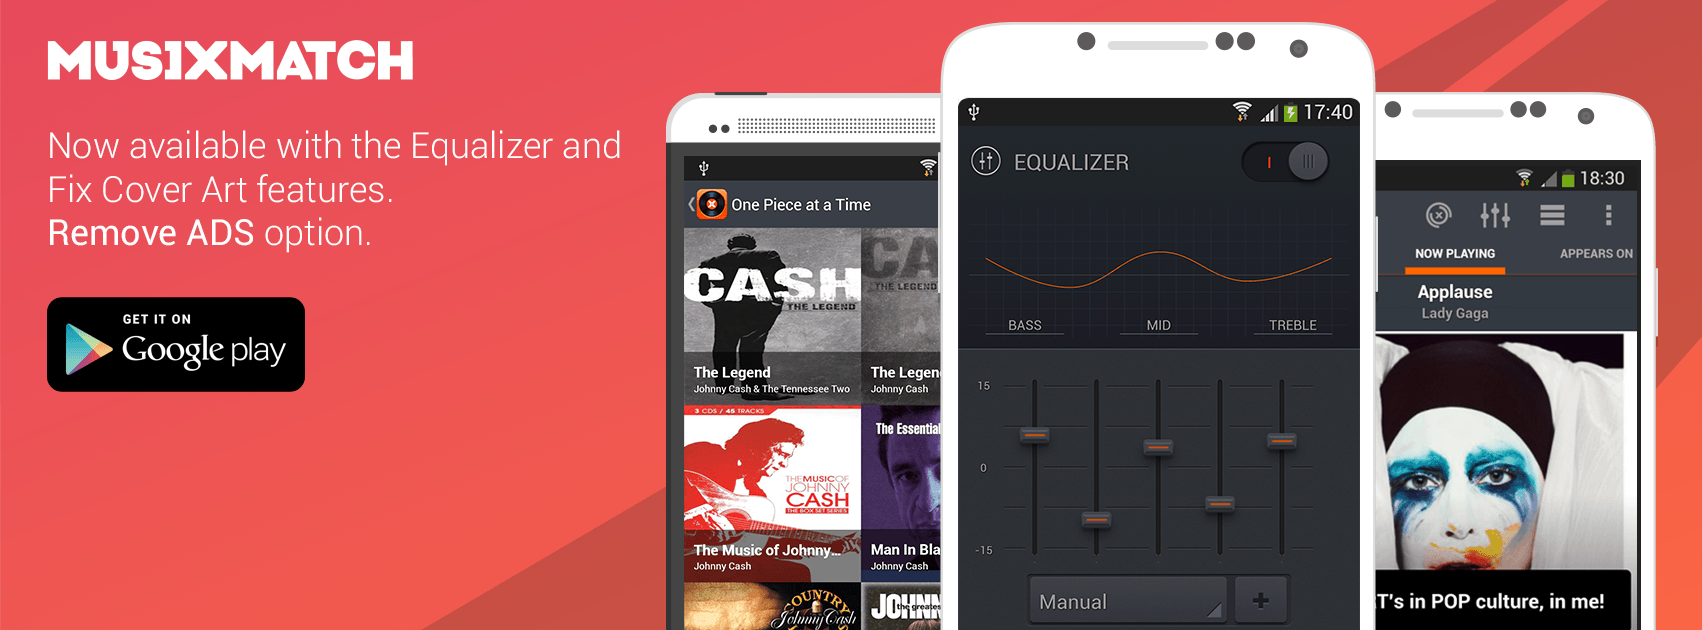 Sigue los pasos de MusiXmatch, que permite crear videoclips de 20 segundos